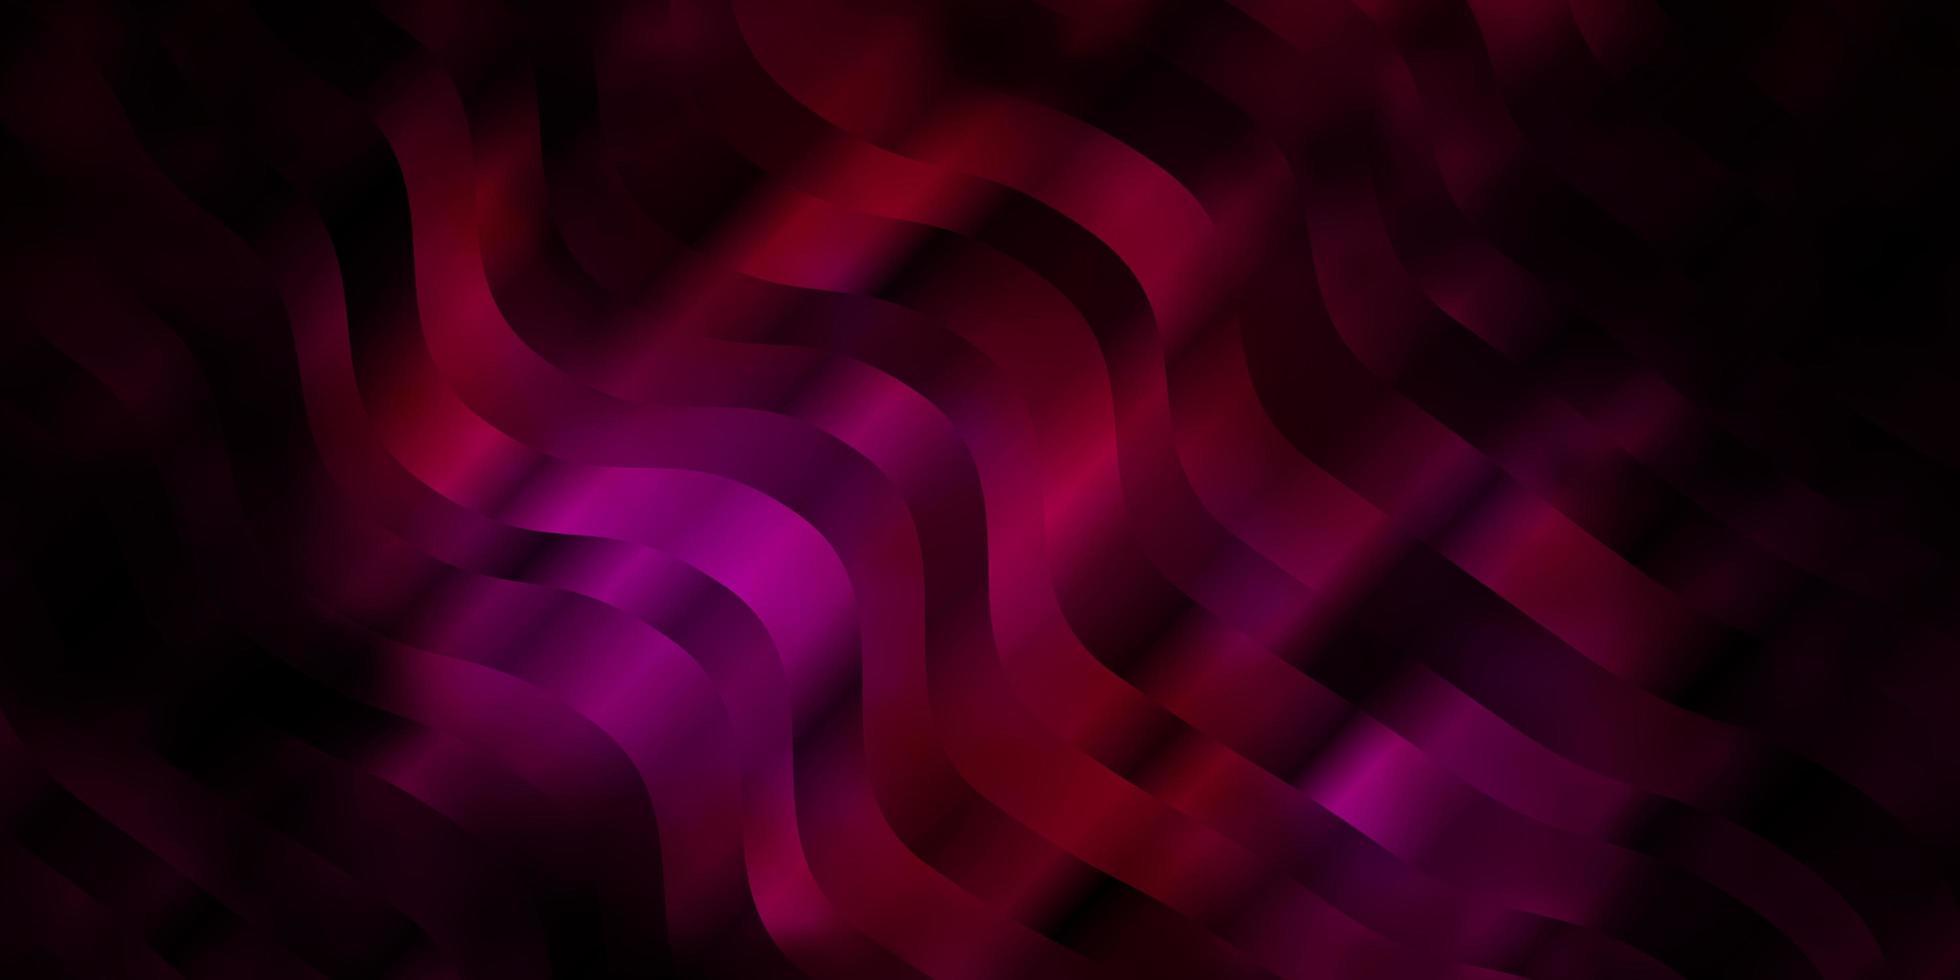 sfondo vettoriale rosa scuro con linee.